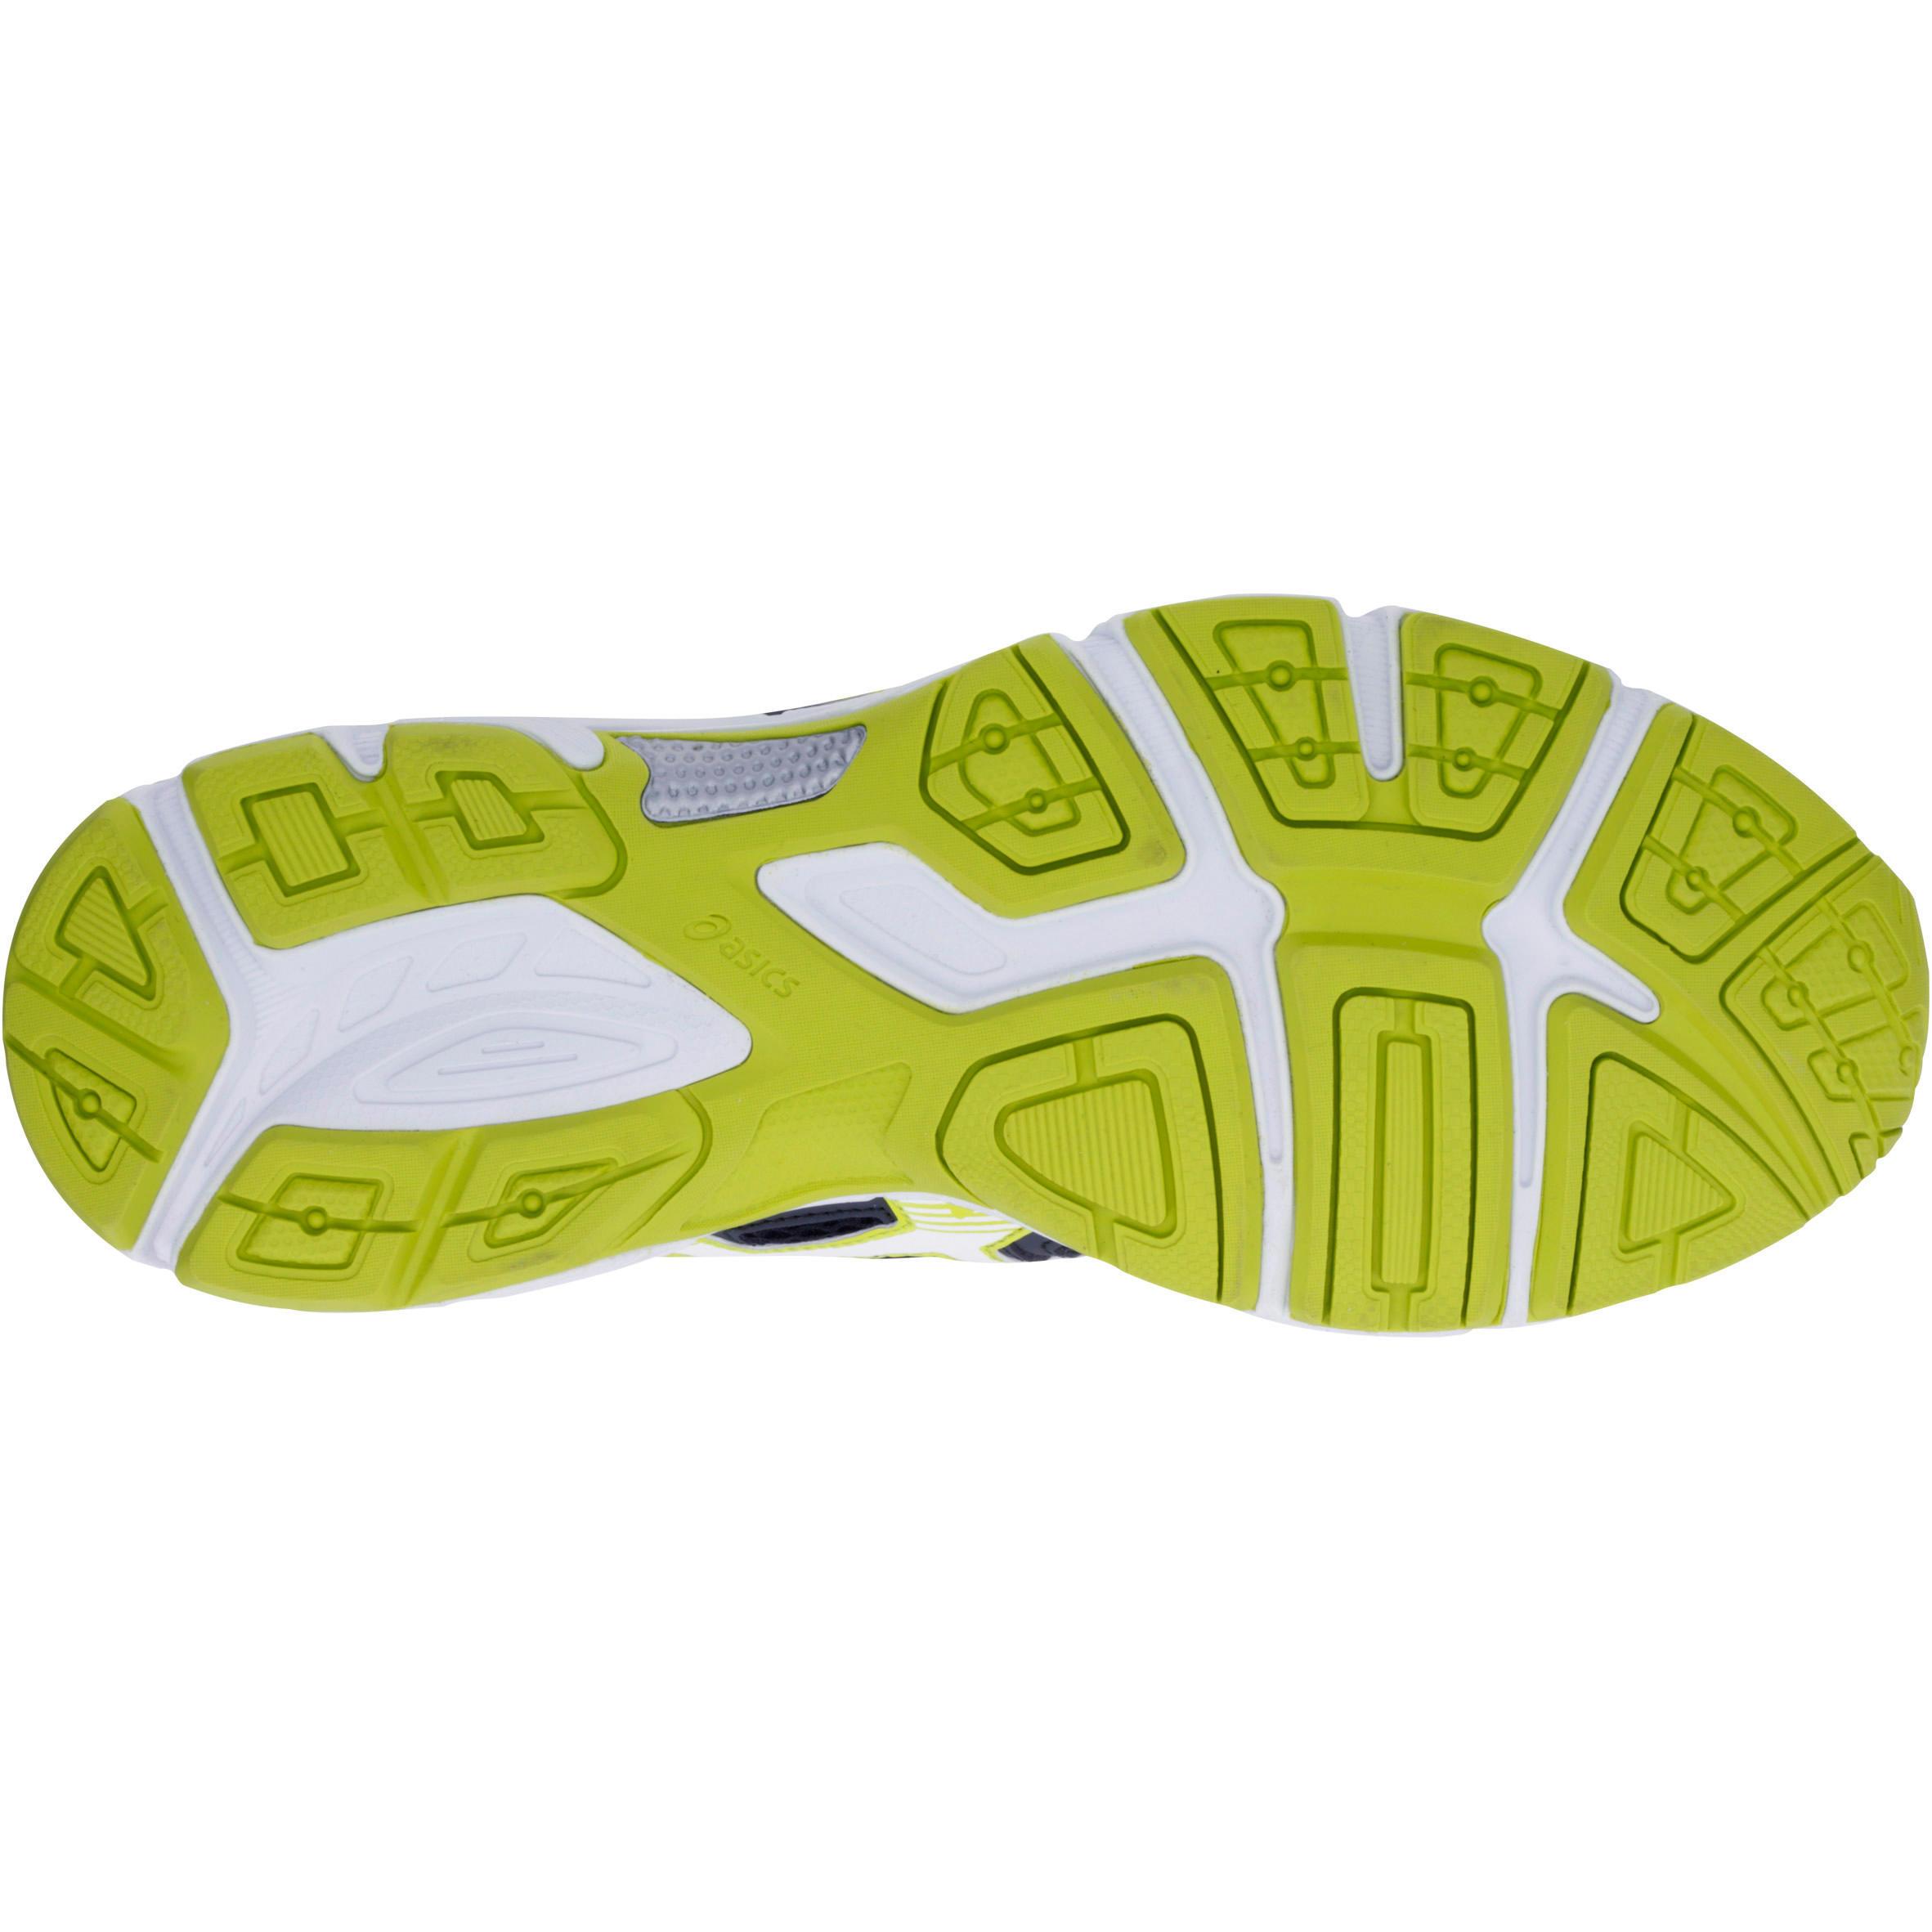 Asics Running Homme Gel Stormhawk Qdthrs Chaussures XZkOiPu